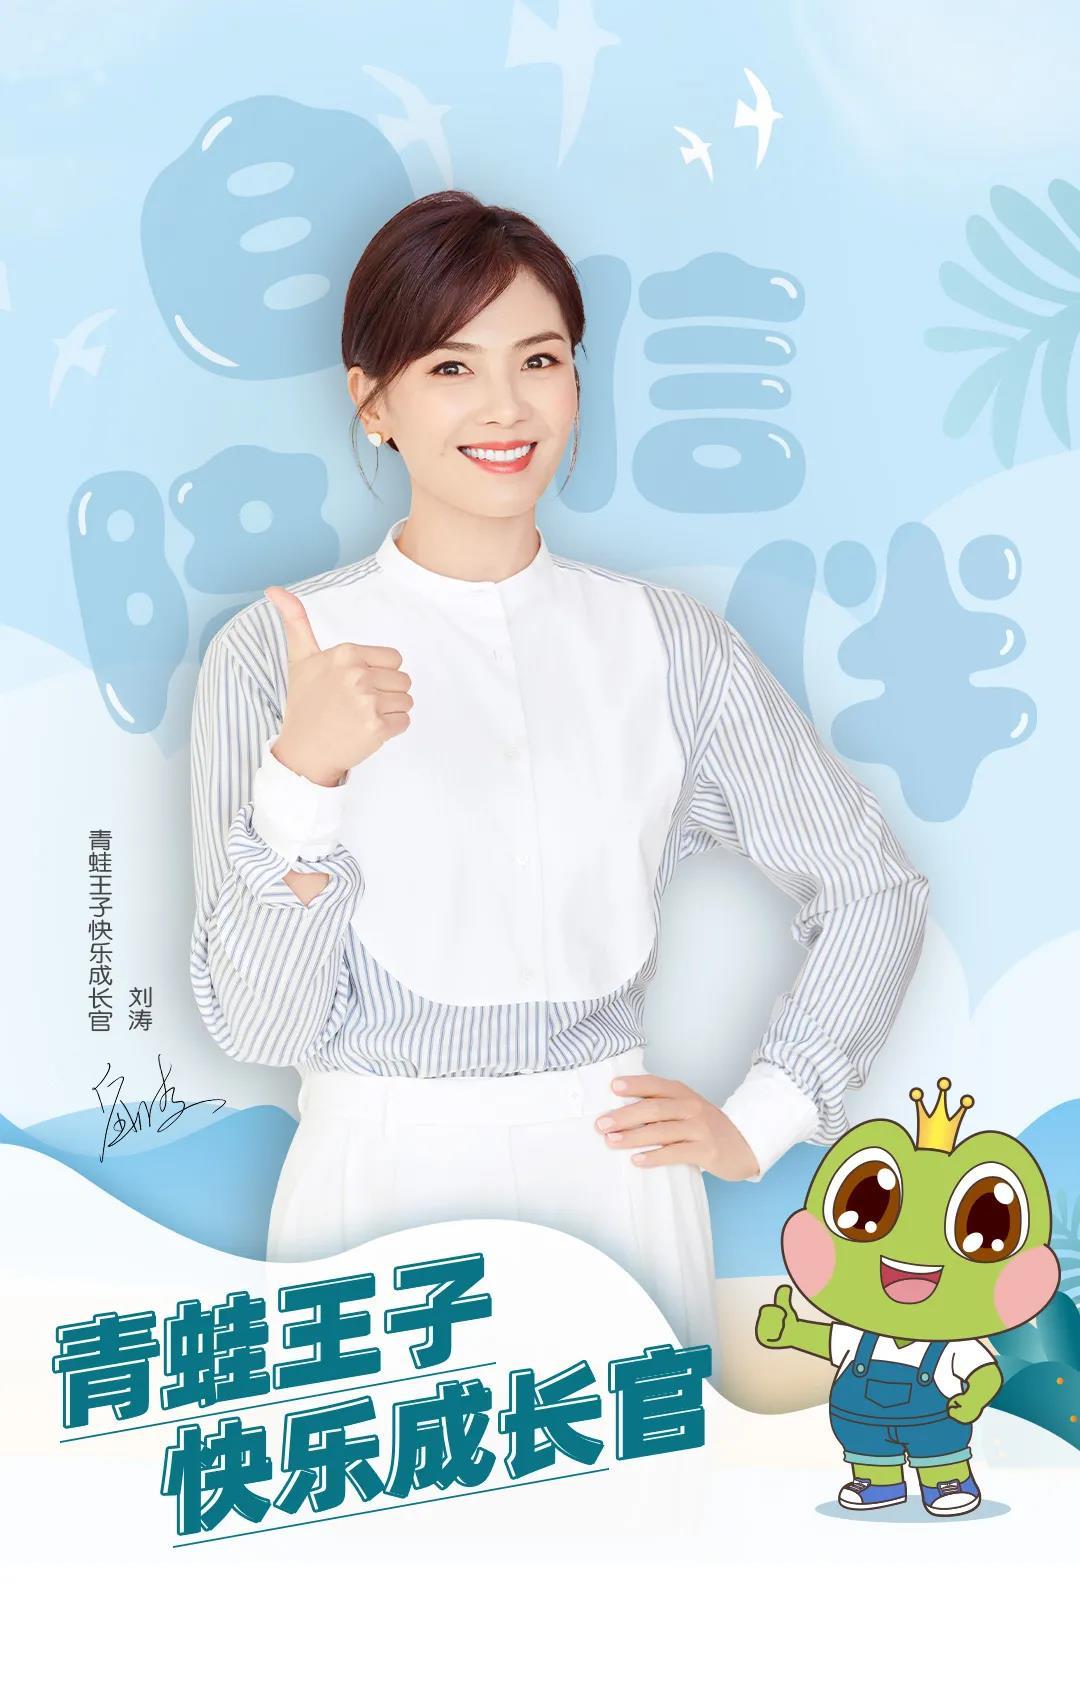 刘涛成为青蛙王子快乐成长官